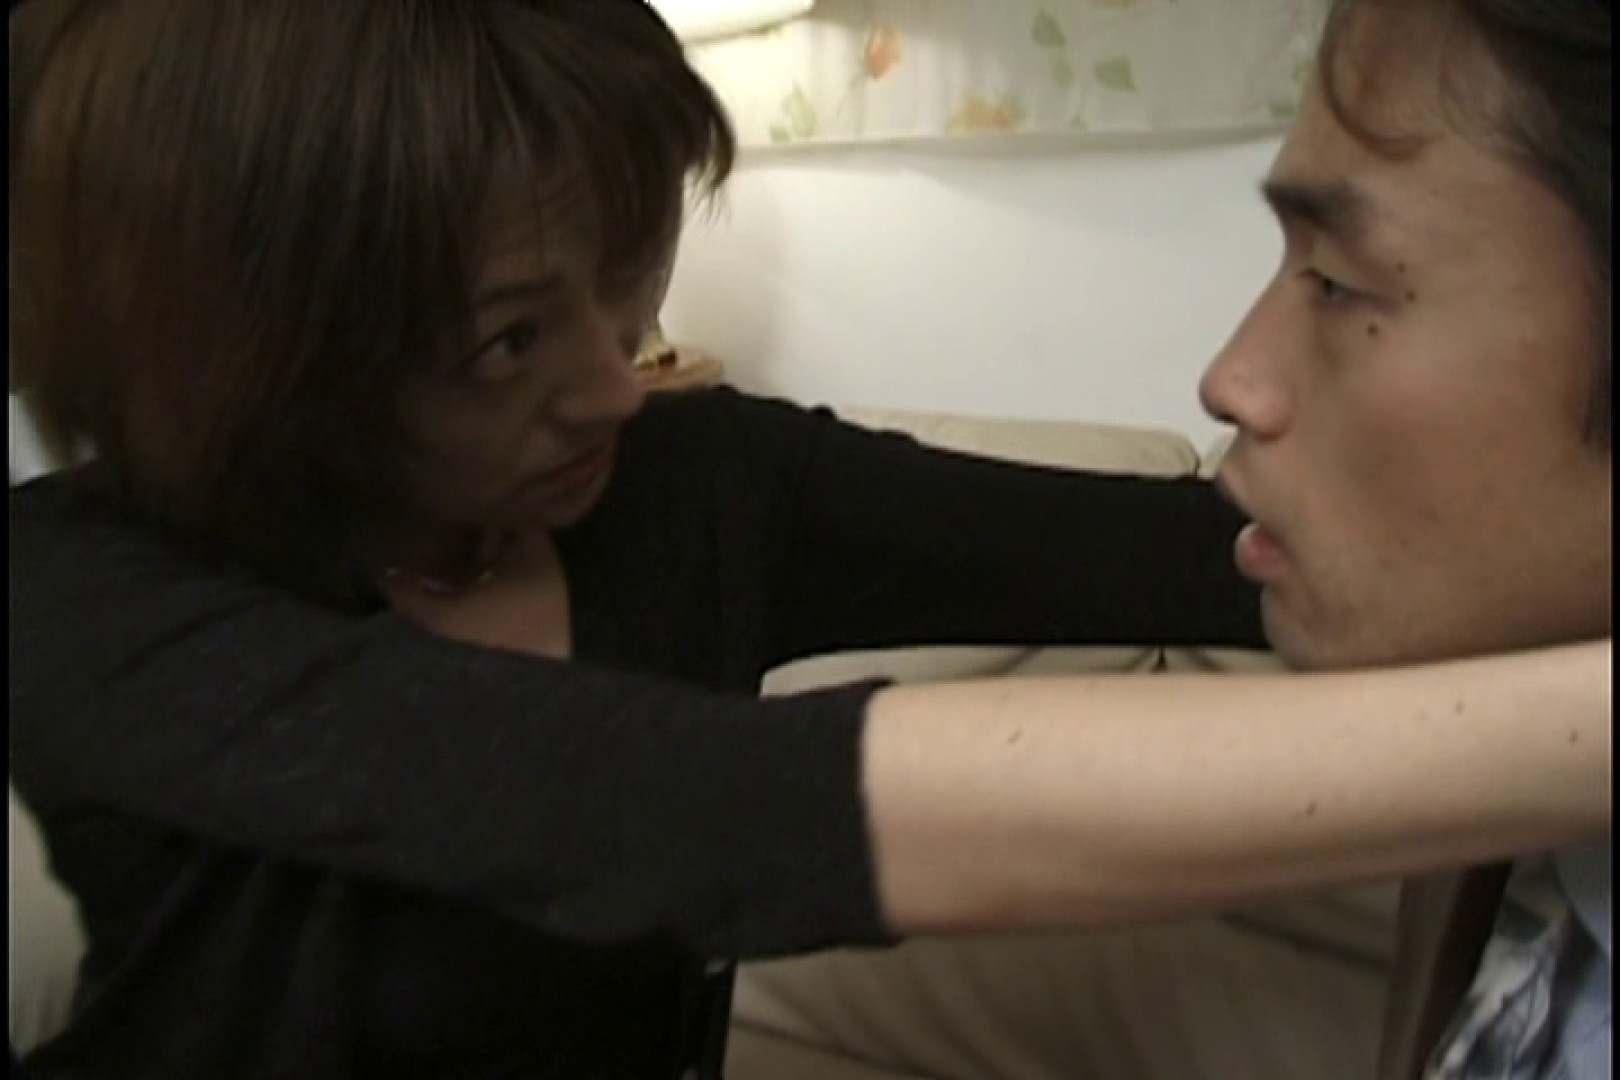 昼間の奥様は欲求不満 ~石川麻紀~ 熟女のエッチ  102pic 56